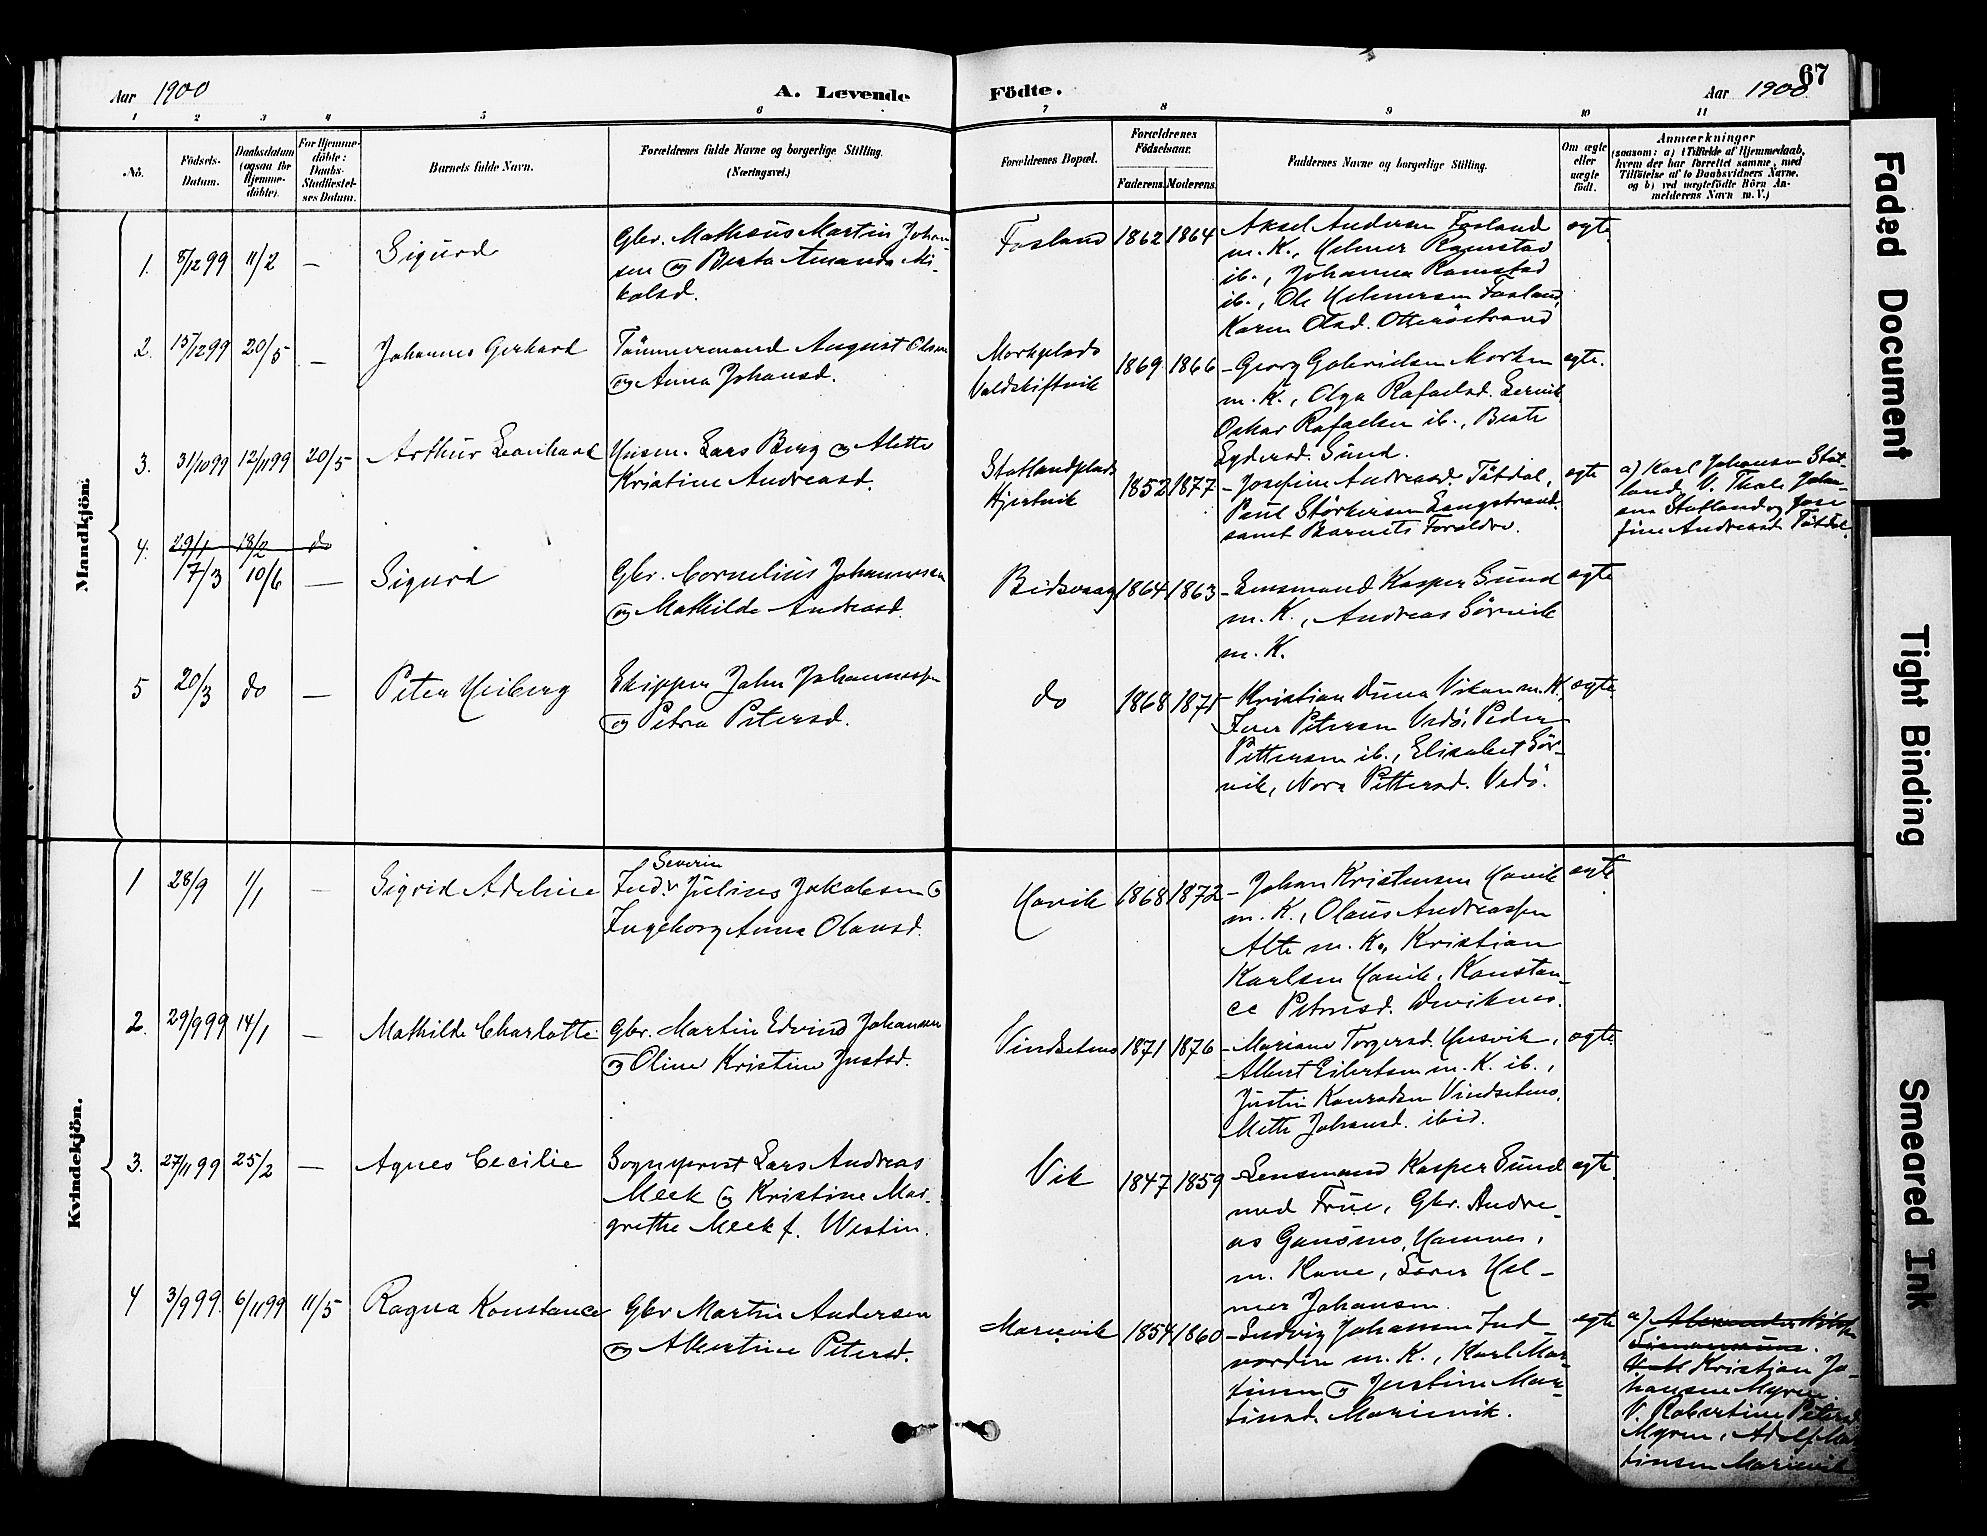 SAT, Ministerialprotokoller, klokkerbøker og fødselsregistre - Nord-Trøndelag, 774/L0628: Ministerialbok nr. 774A02, 1887-1903, s. 67